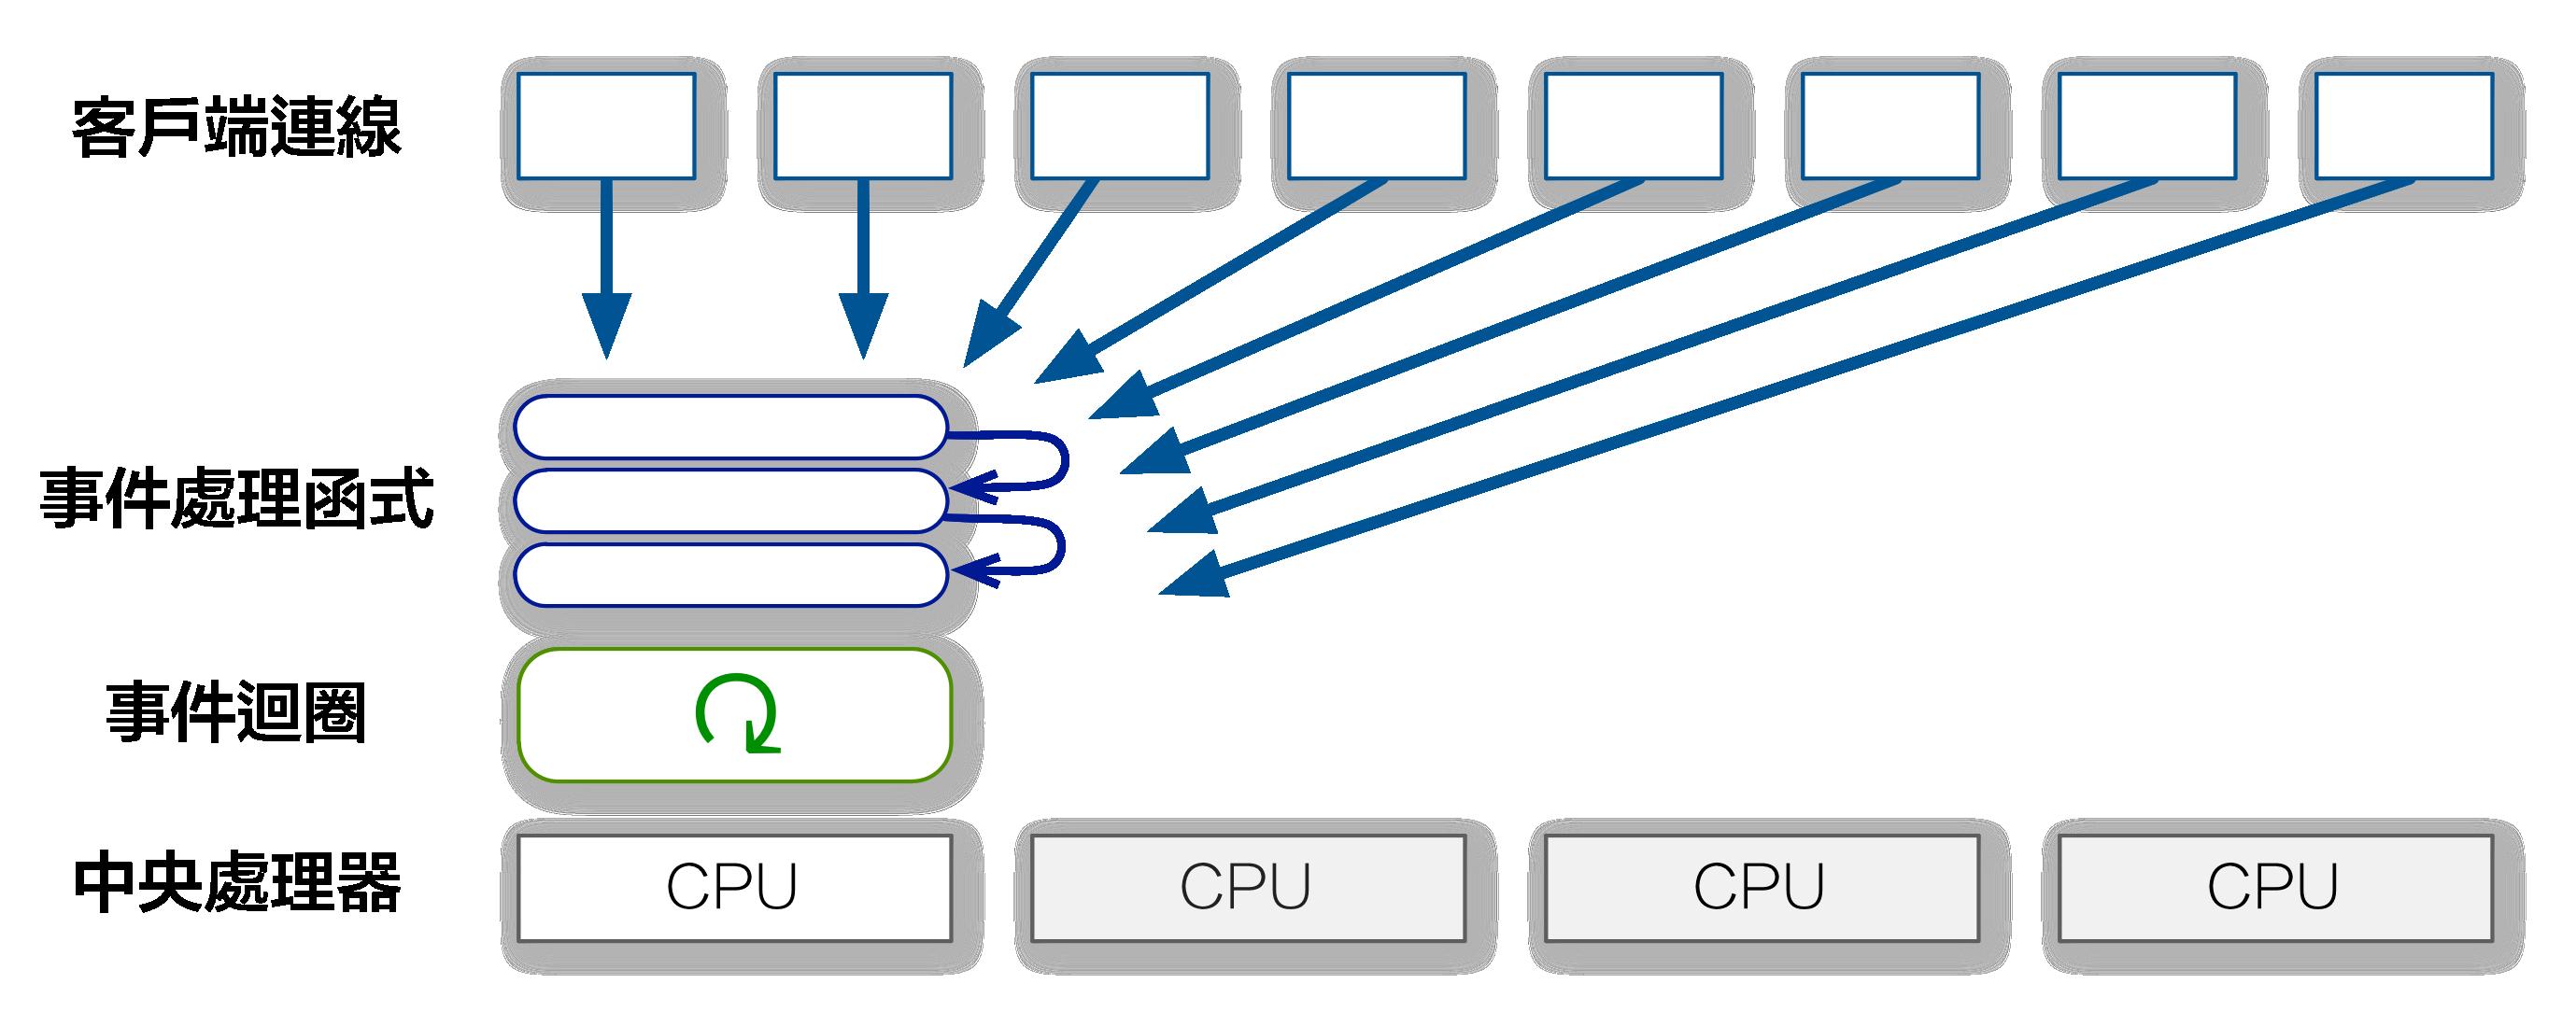 事件伺服器(單處理器)